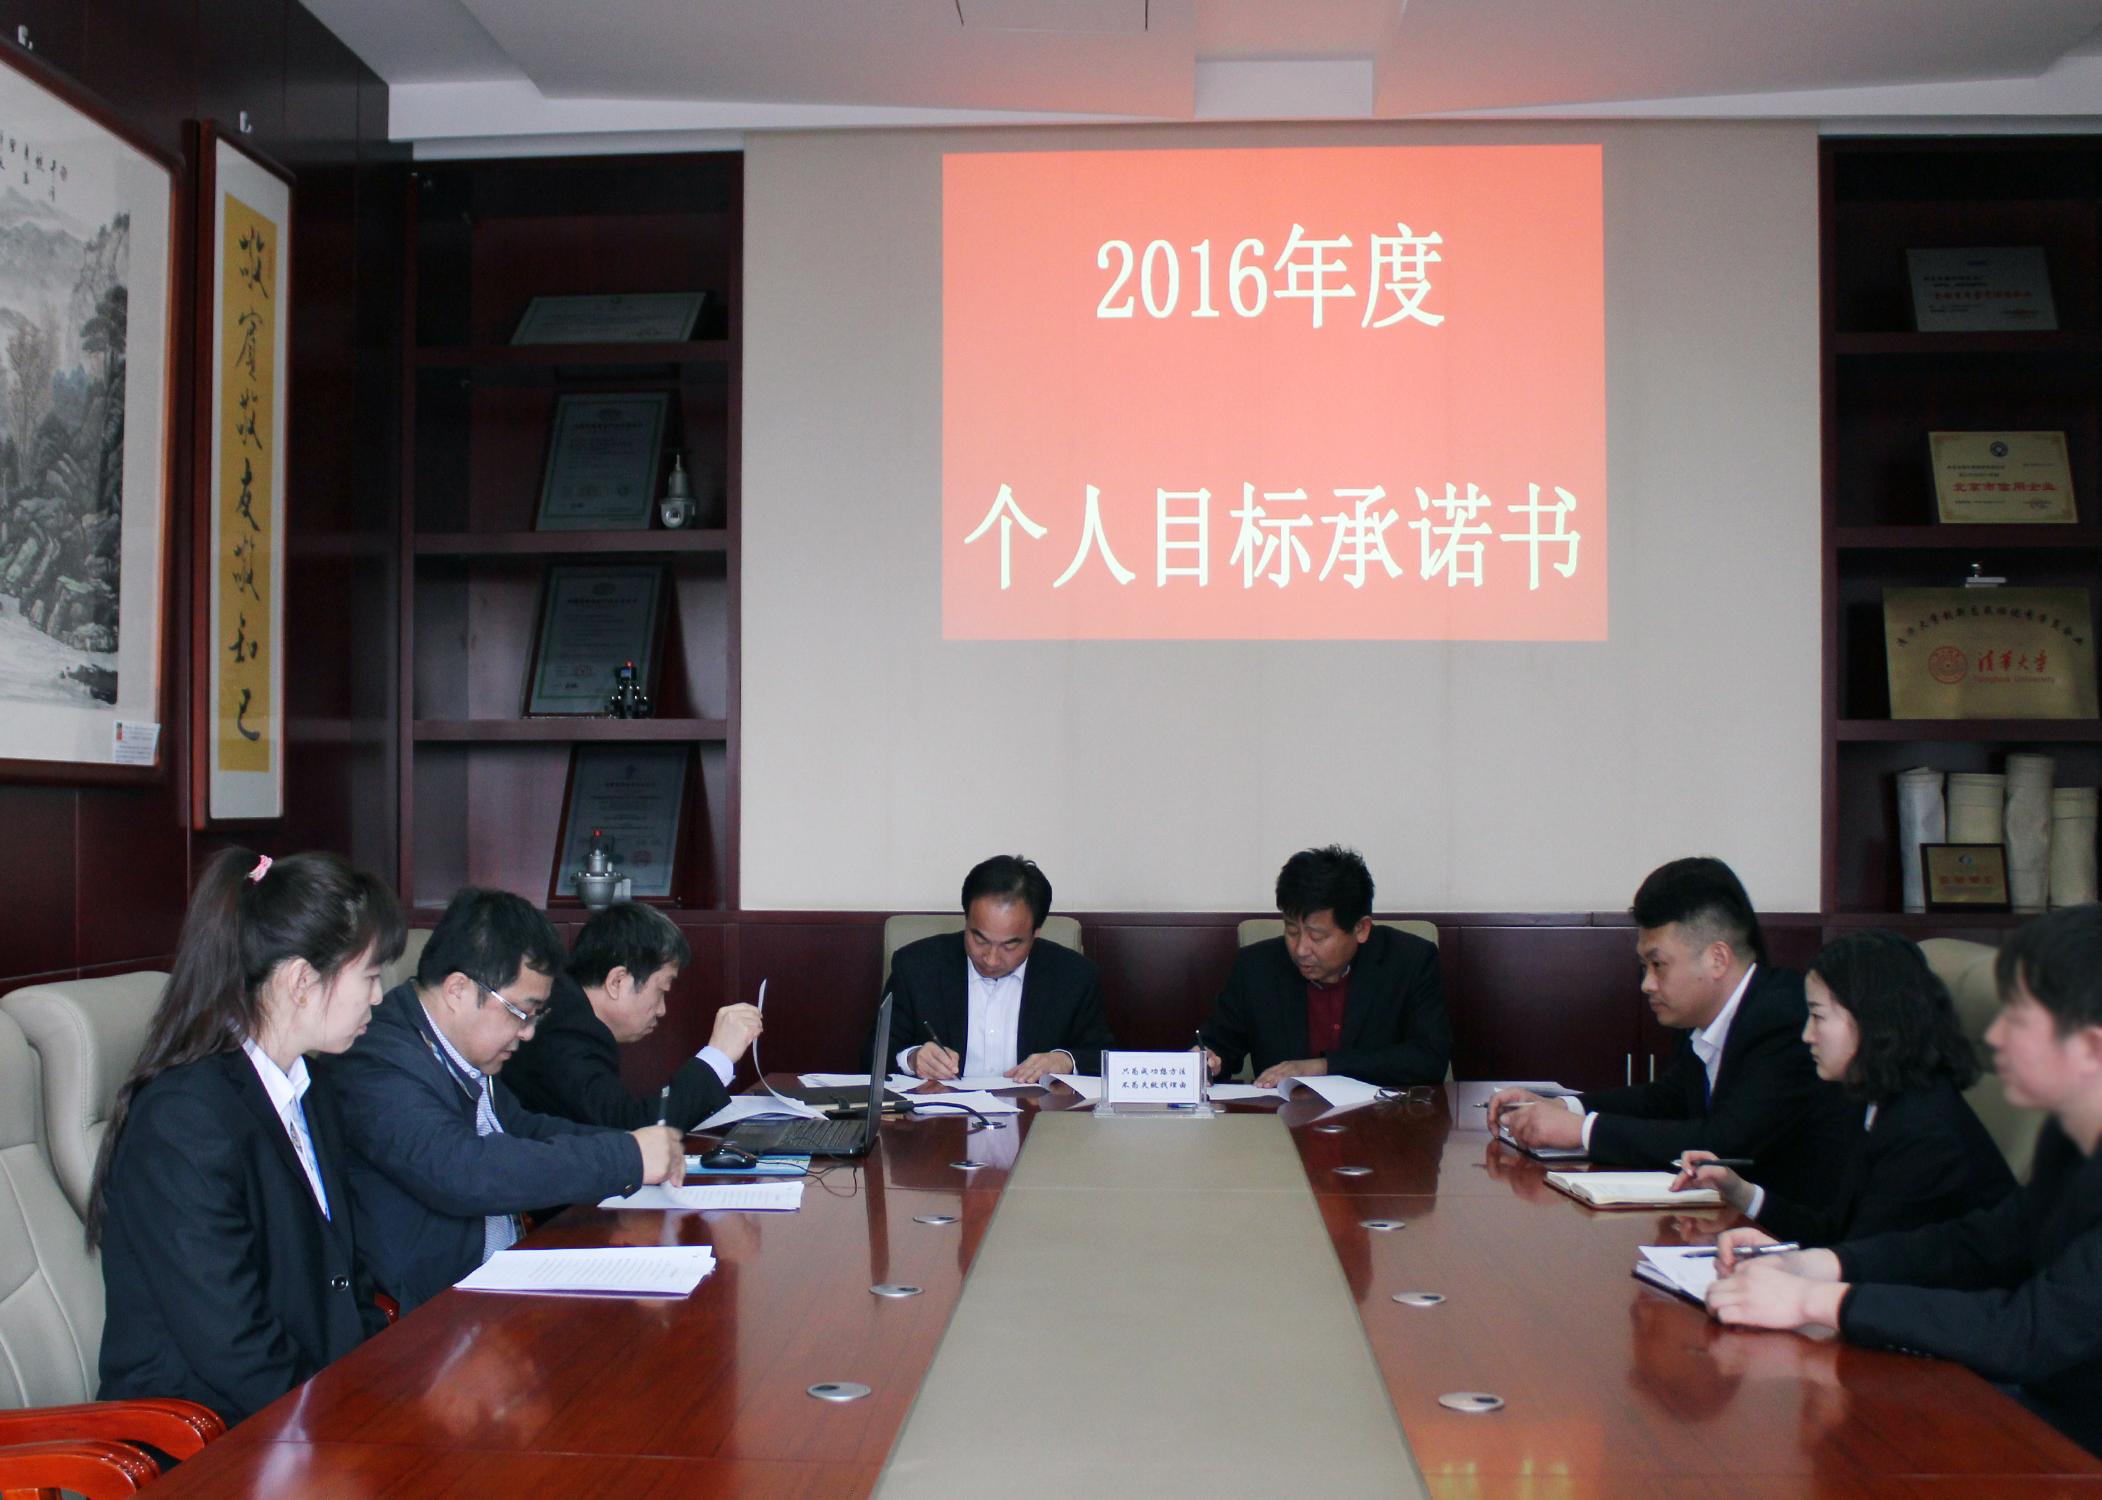 2016年奥福集团目标责任书